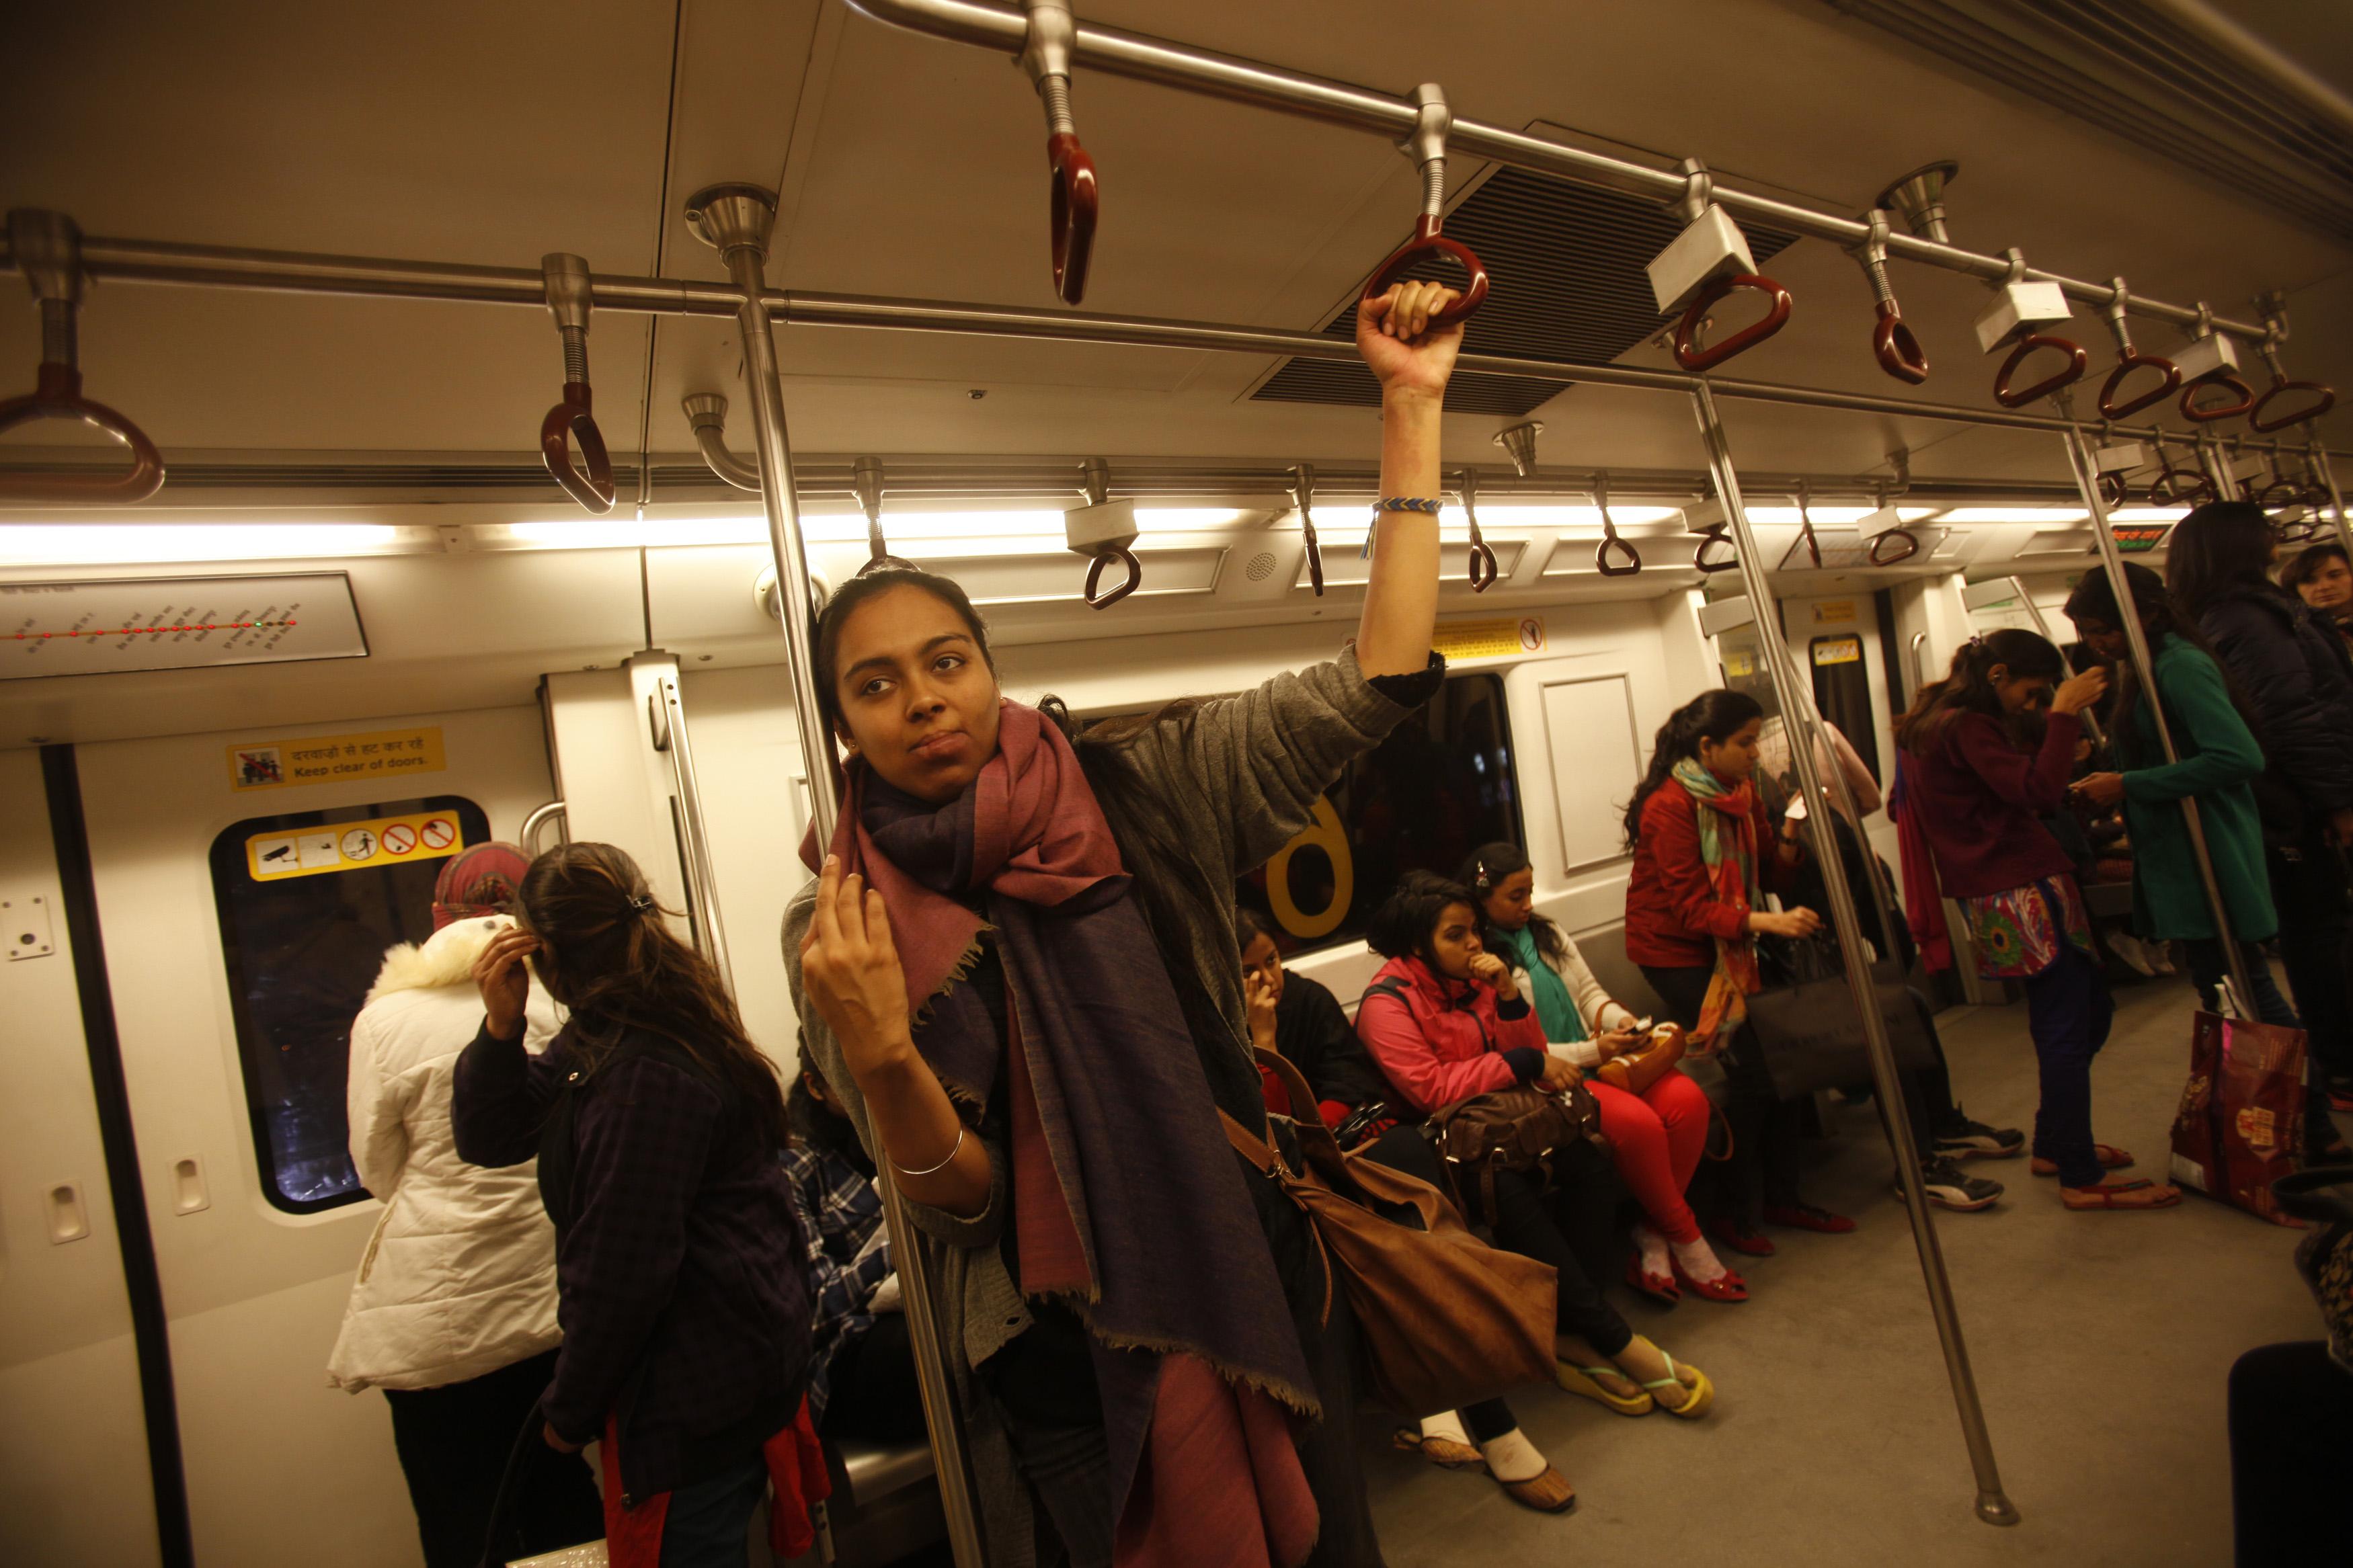 Ladies Compartment In Delhi Metro